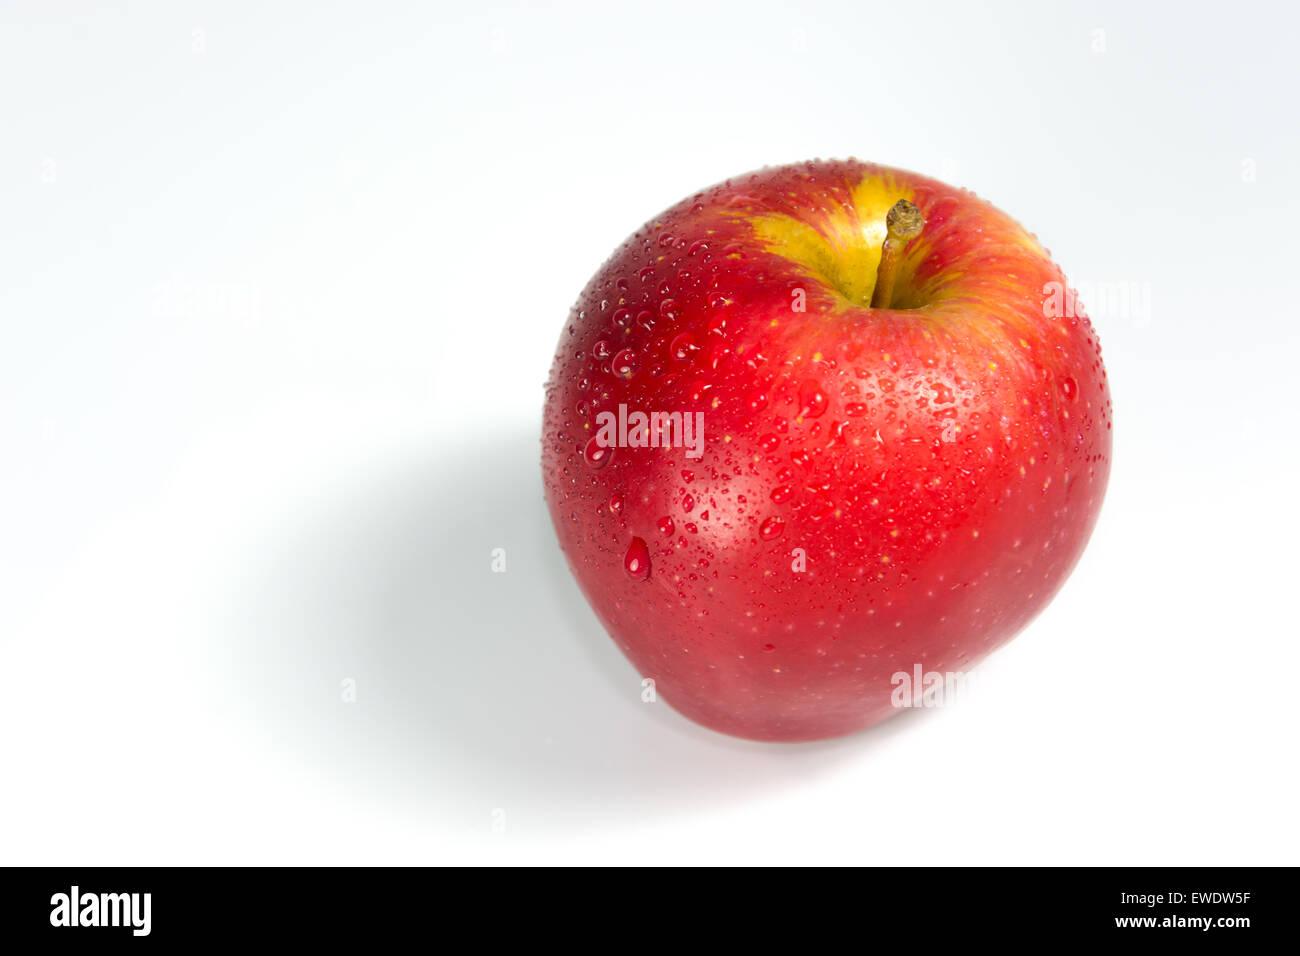 Apple est connu en tant que Princesse fruit car elle contient beaucoup de vitamines et de nutriments avec comme Photo Stock